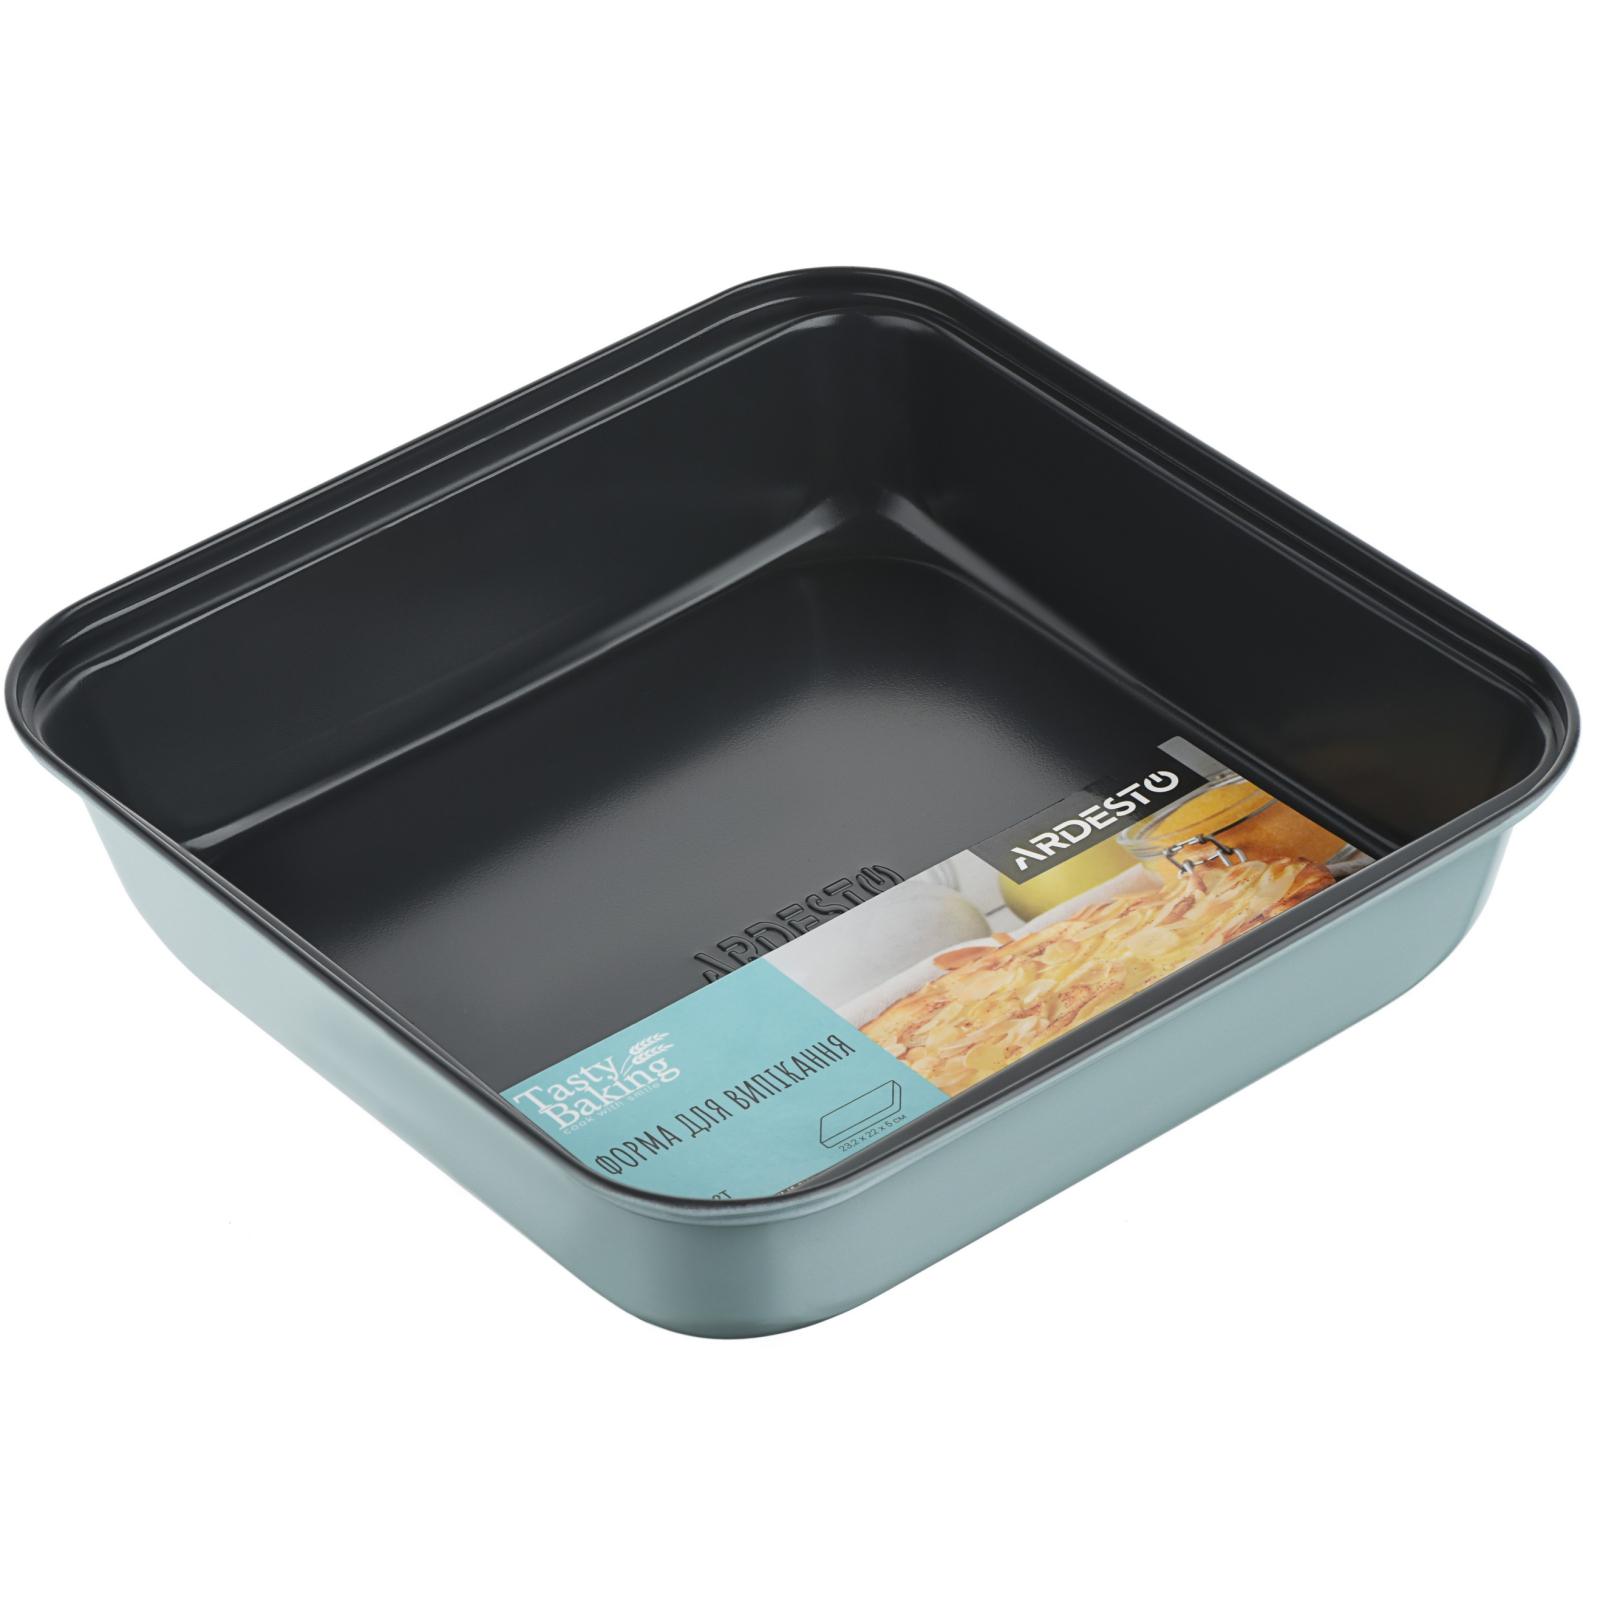 Форма для випікання Ardesto Tasty Baking квадратна 23х22 см (AR2302T) зображення 2